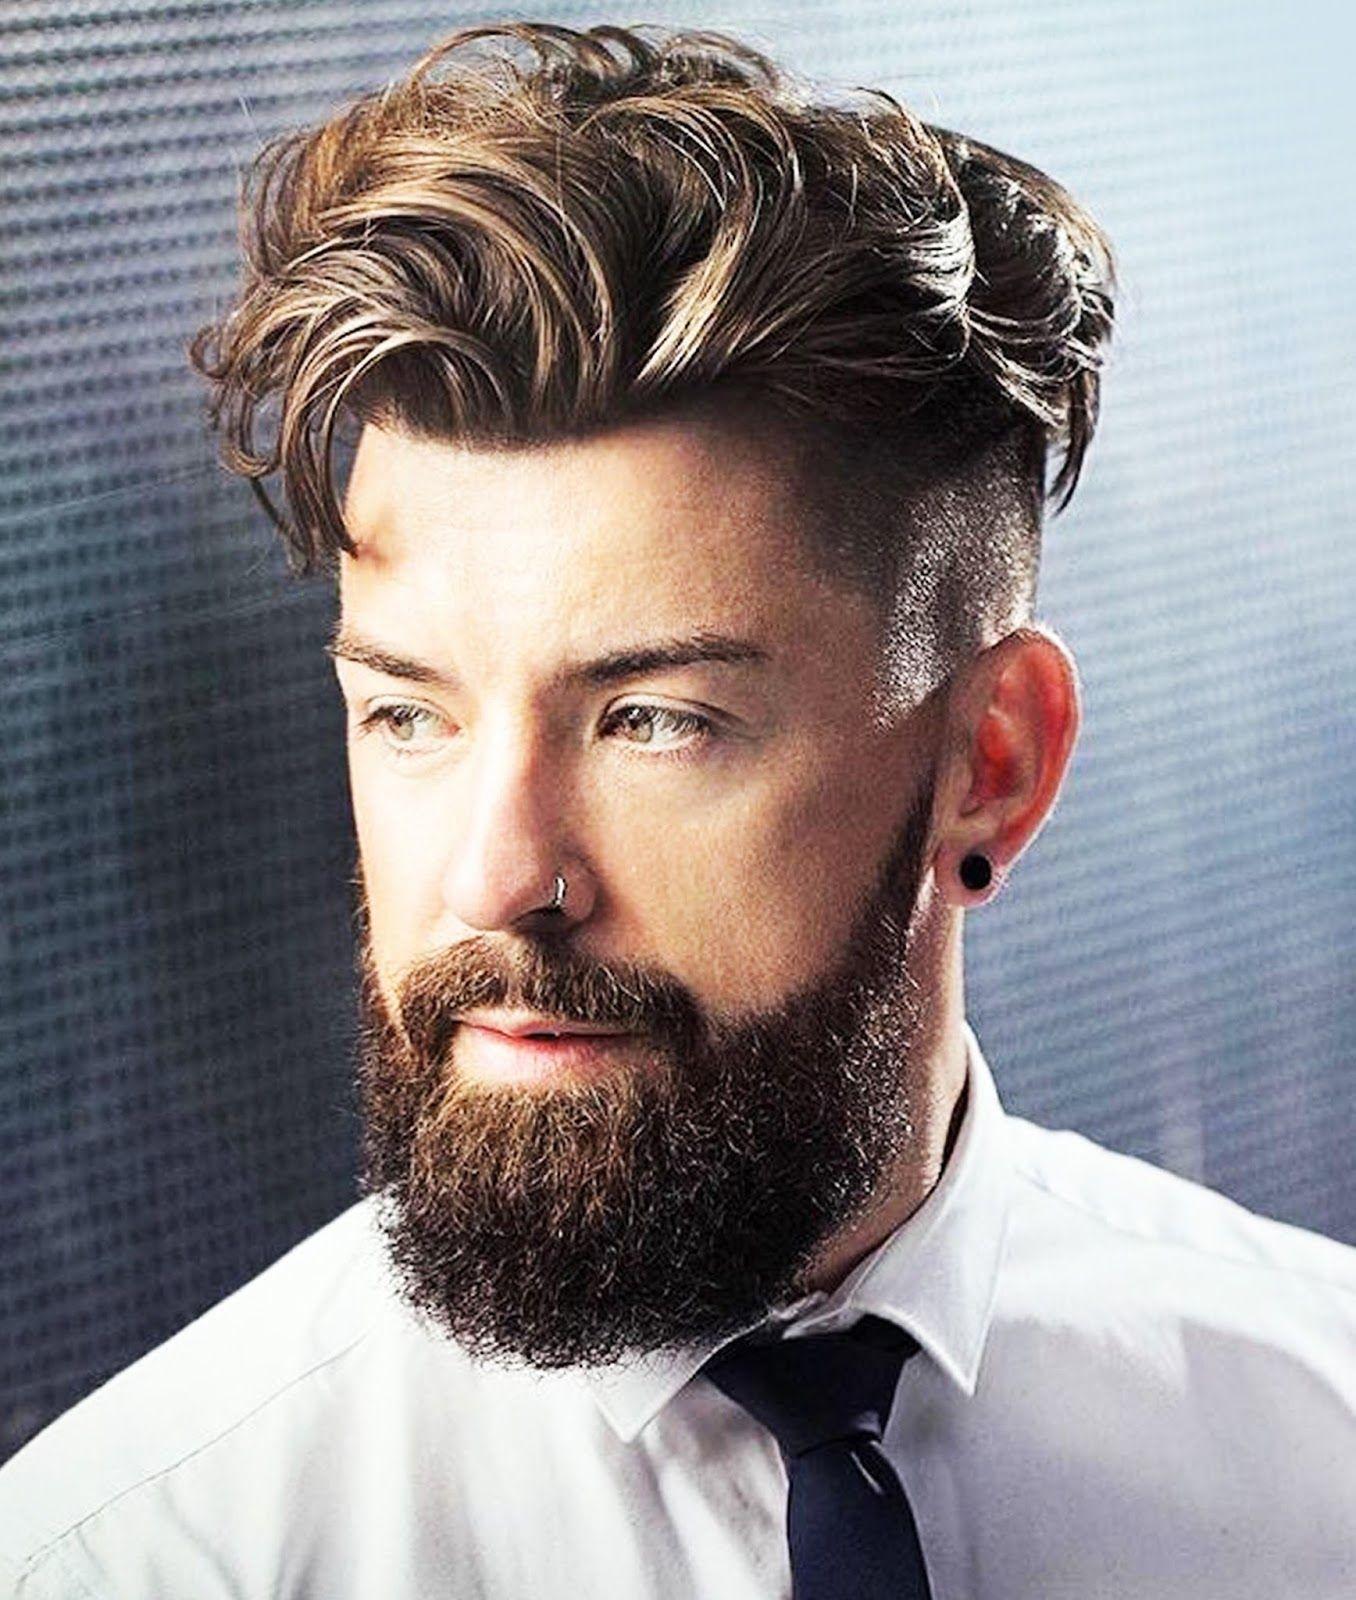 Kiểu tóc nam Undercut Long Slicked Back Hair với râu dài